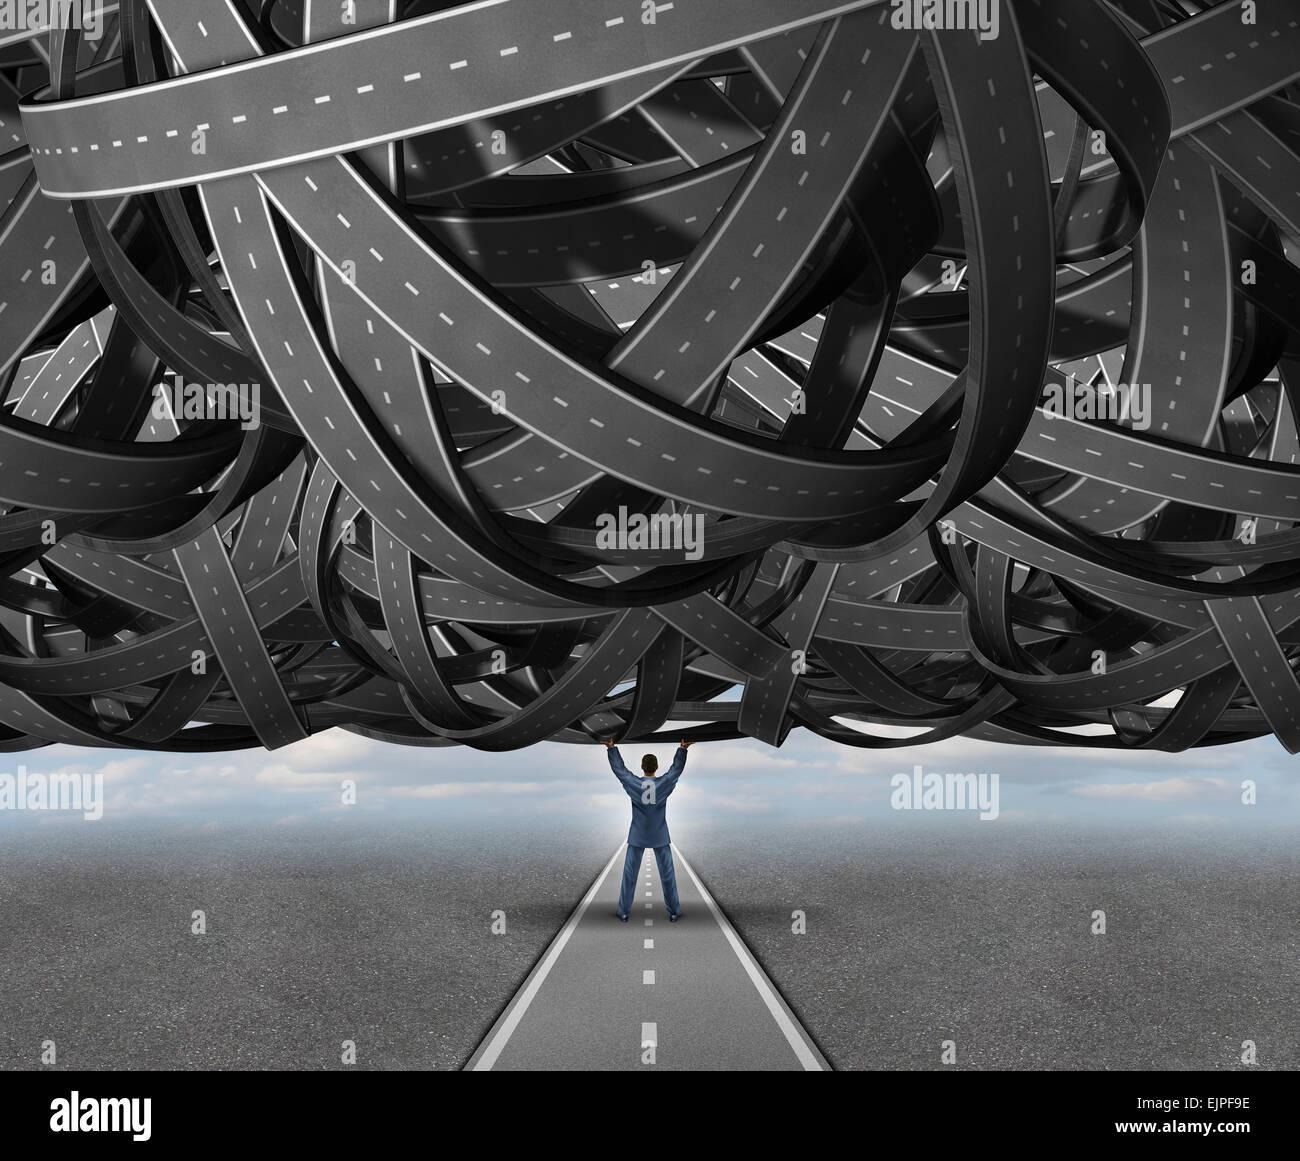 Lösungen Konzept Straße Metapher als ein Unternehmer heben eine große Gruppe von verschlungenen Straßen Stockbild